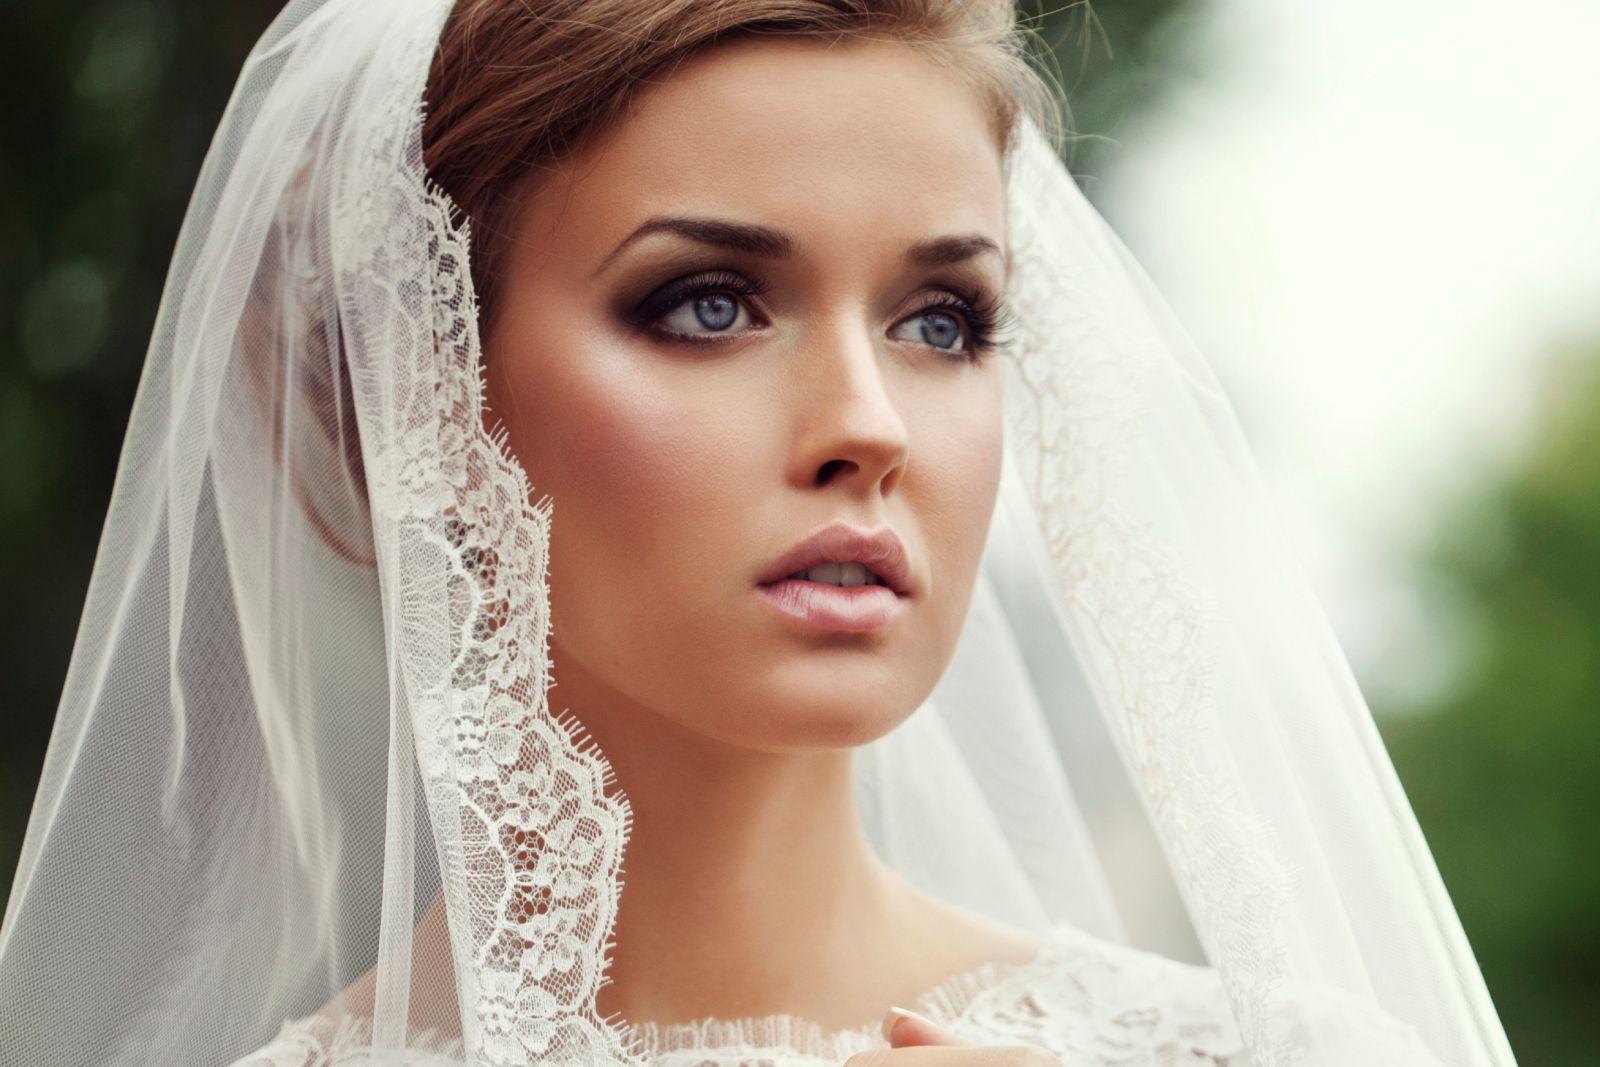 modnye-tendencii-svadebnoj-mody-13